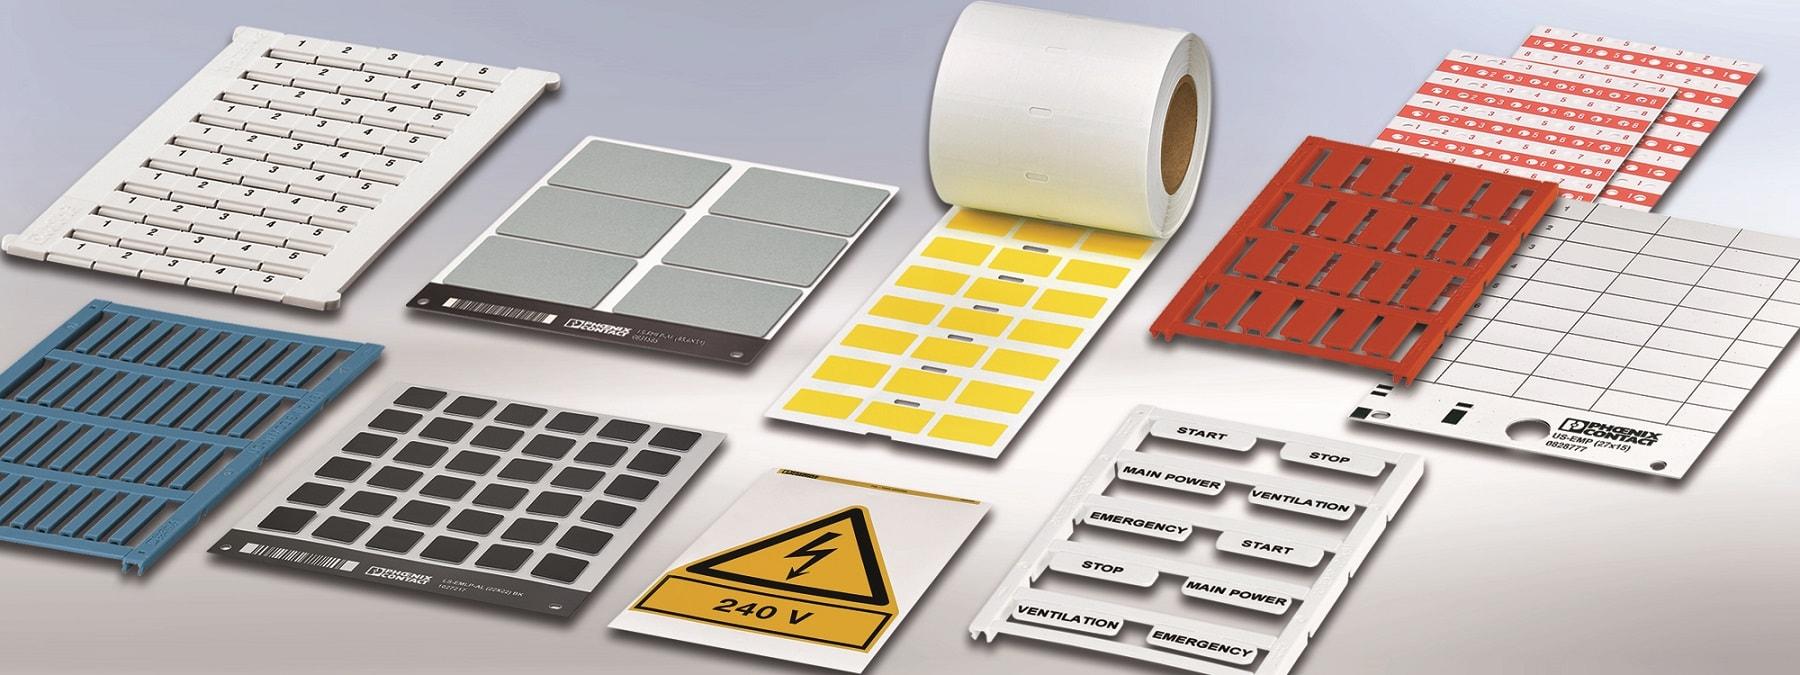 Materiali-di-siglatura-per-ogni-applicazione